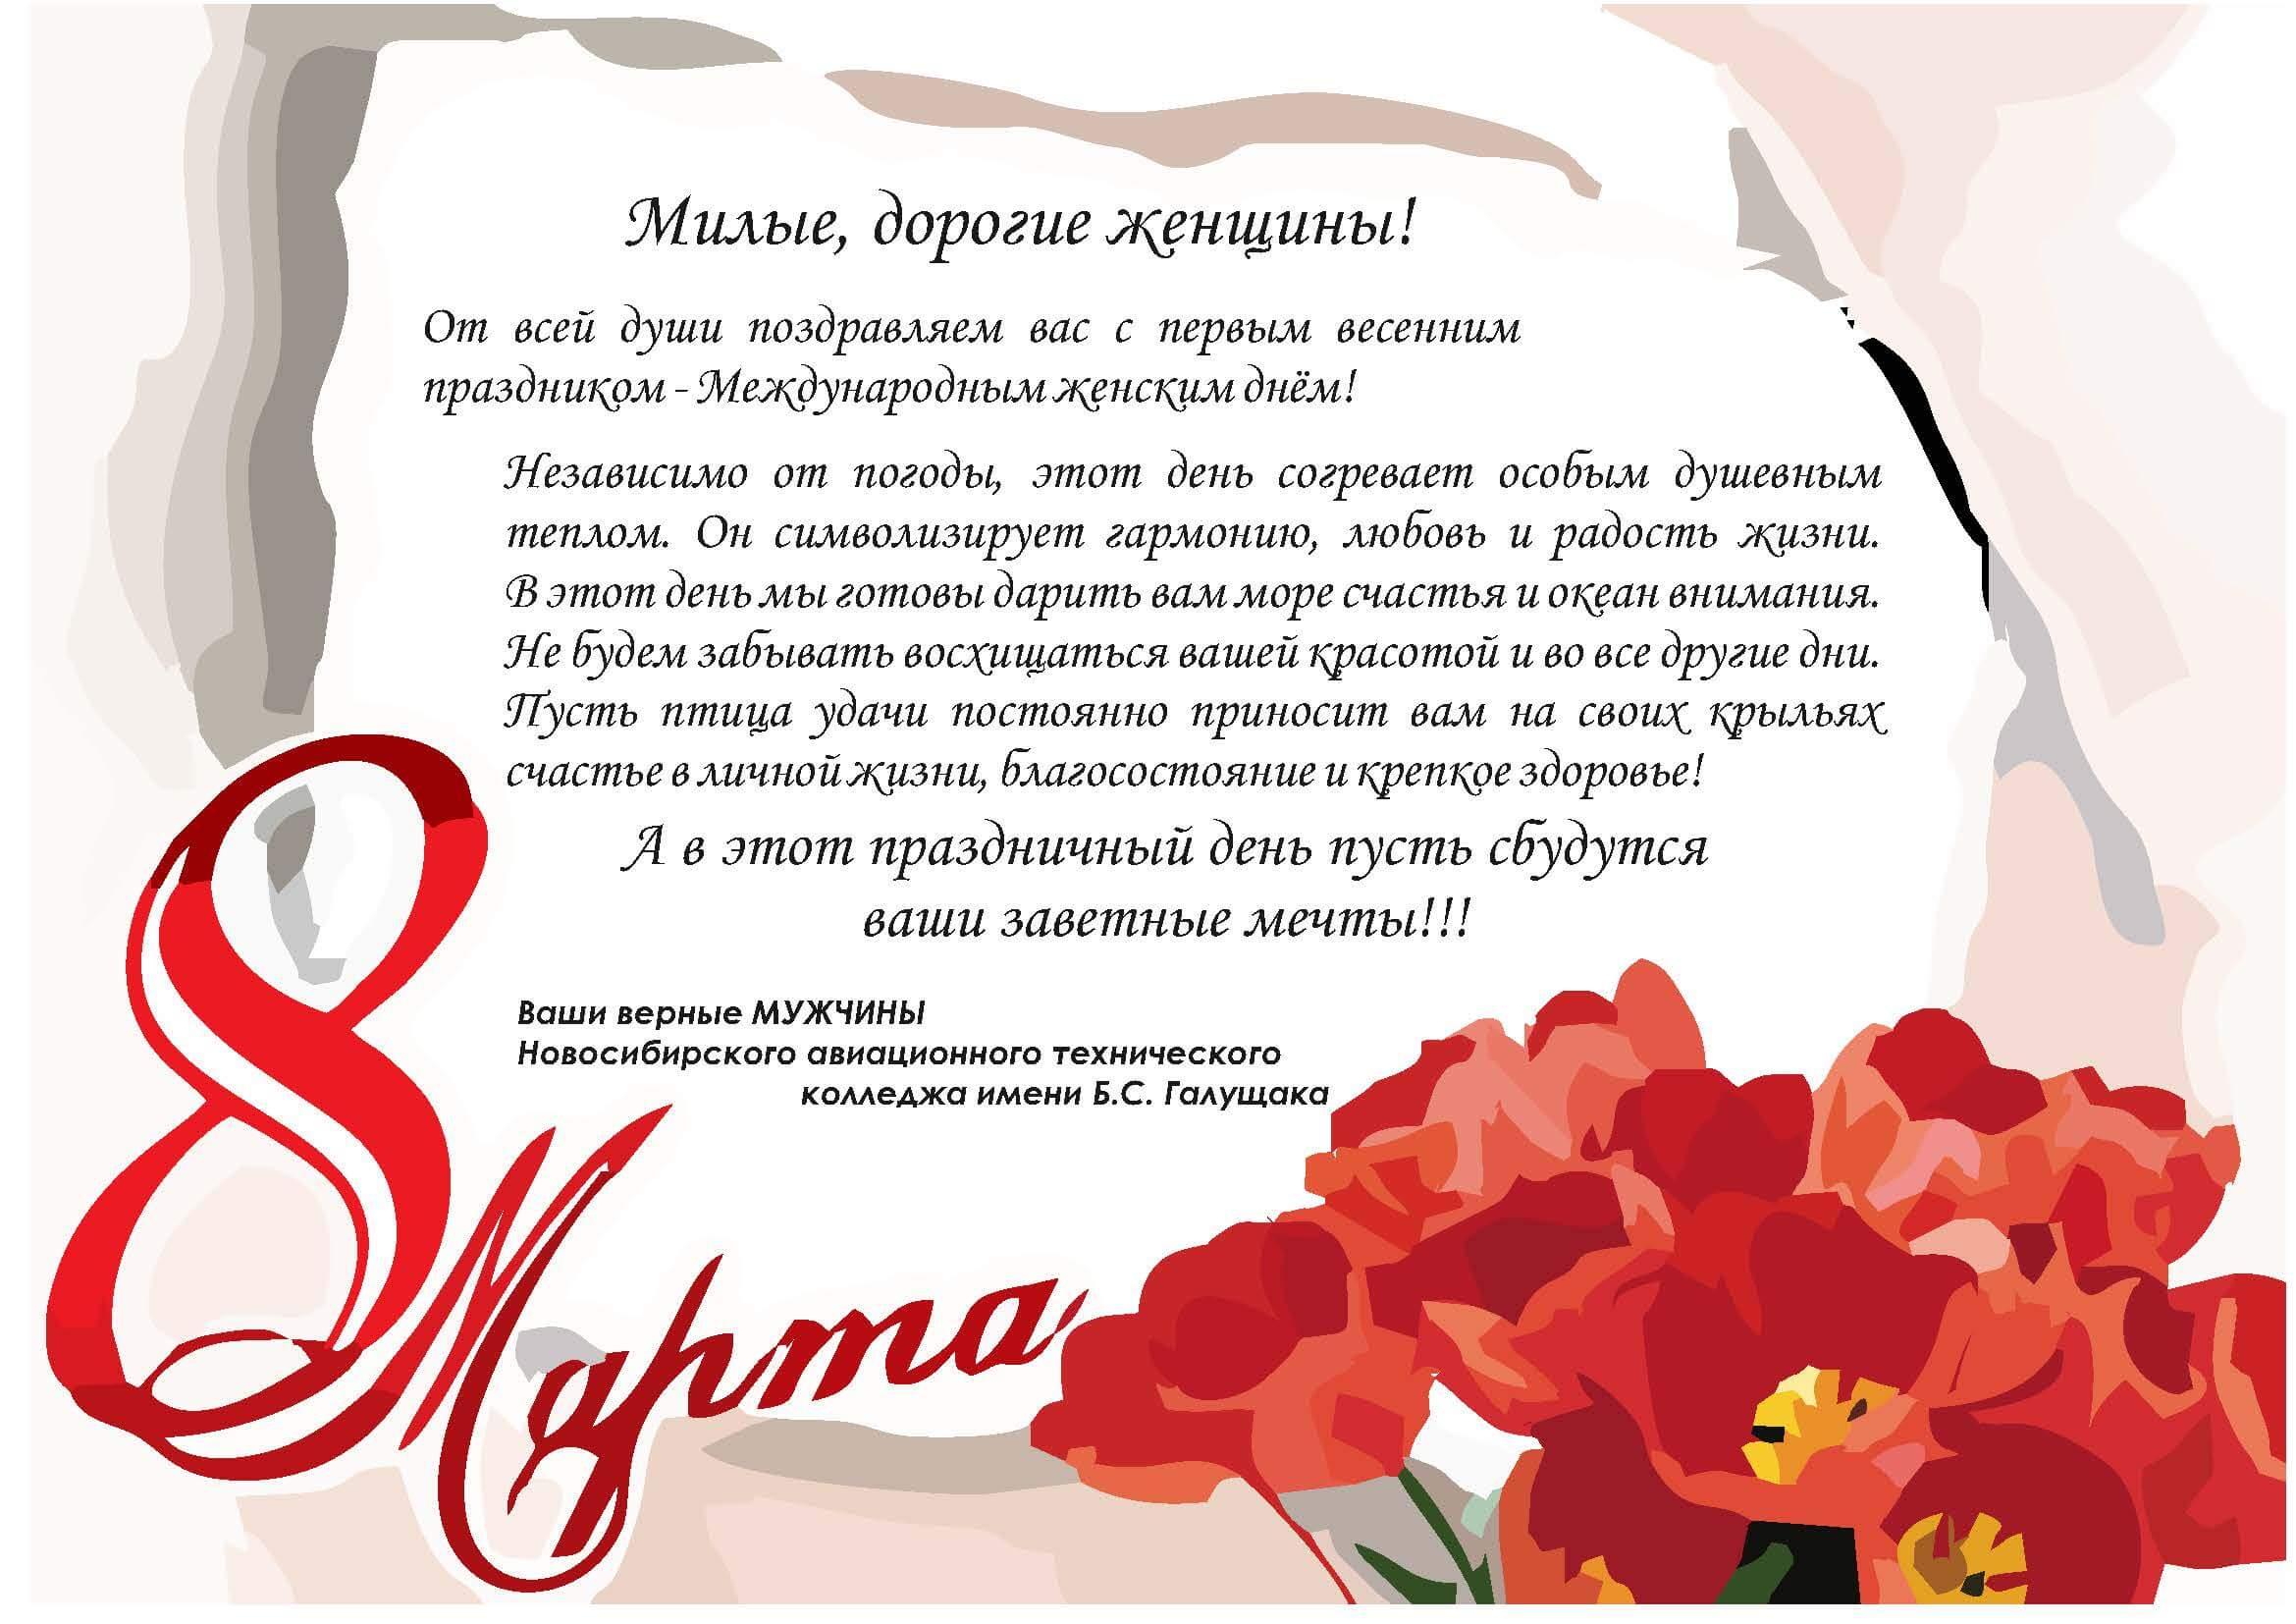 Костюмированное поздравление женщин с 8 Марта от Грузин